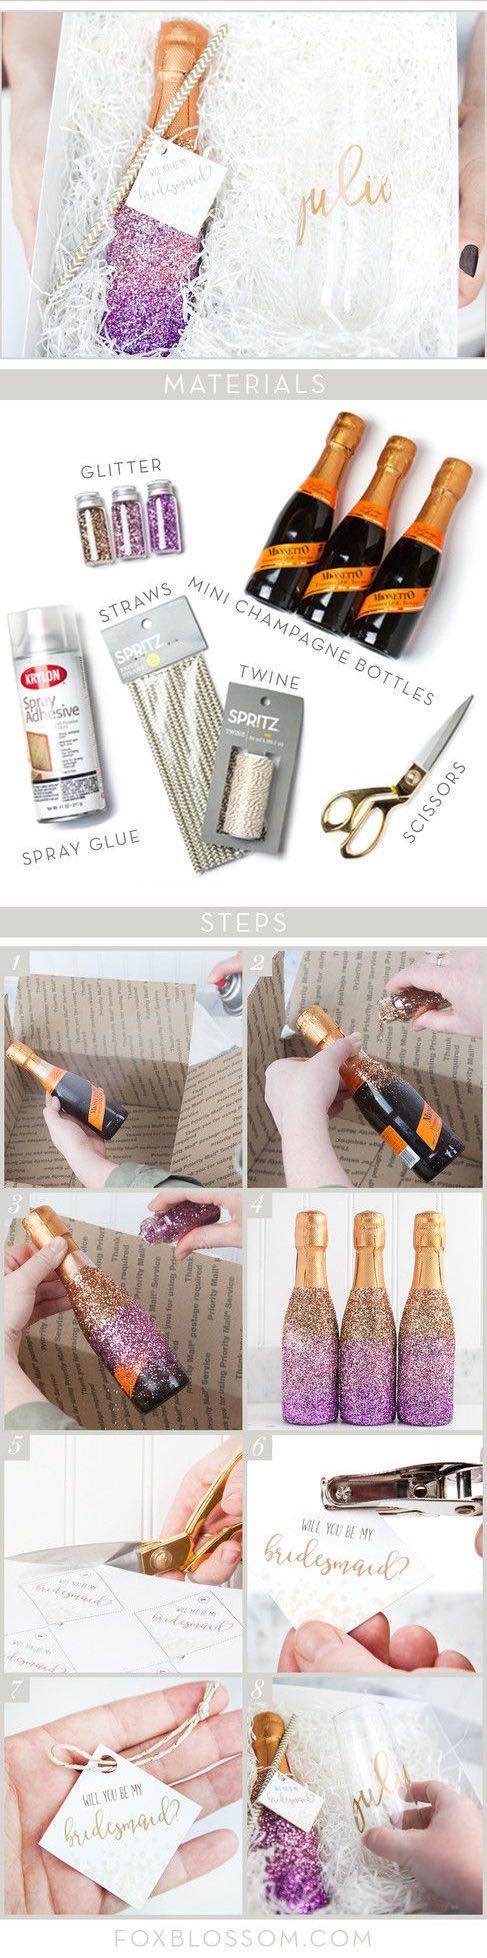 DIY-champange0bottles